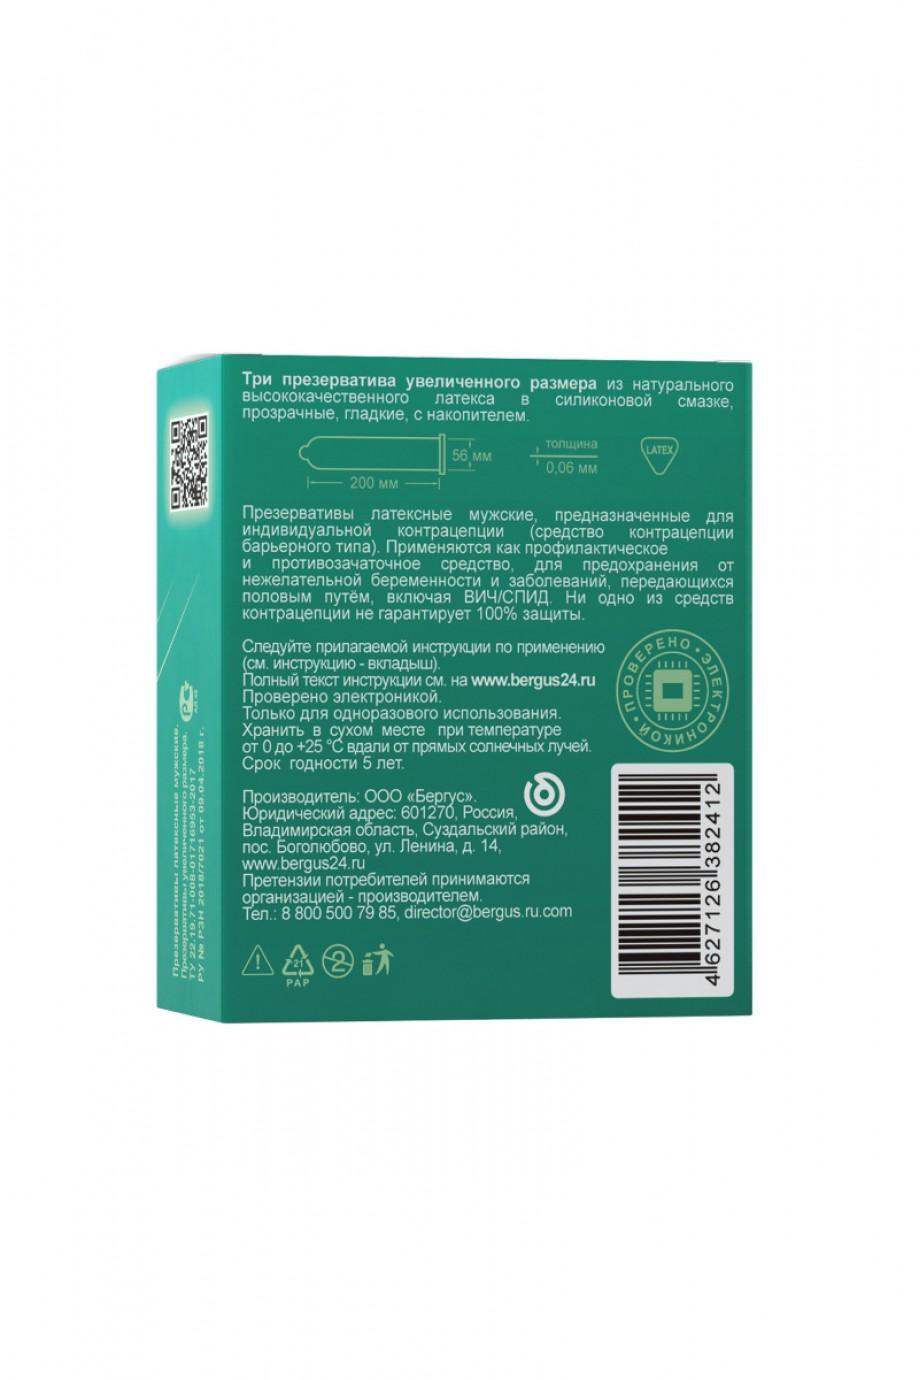 Презервативы TOREX увеличенного размера, латекс, 3 шт